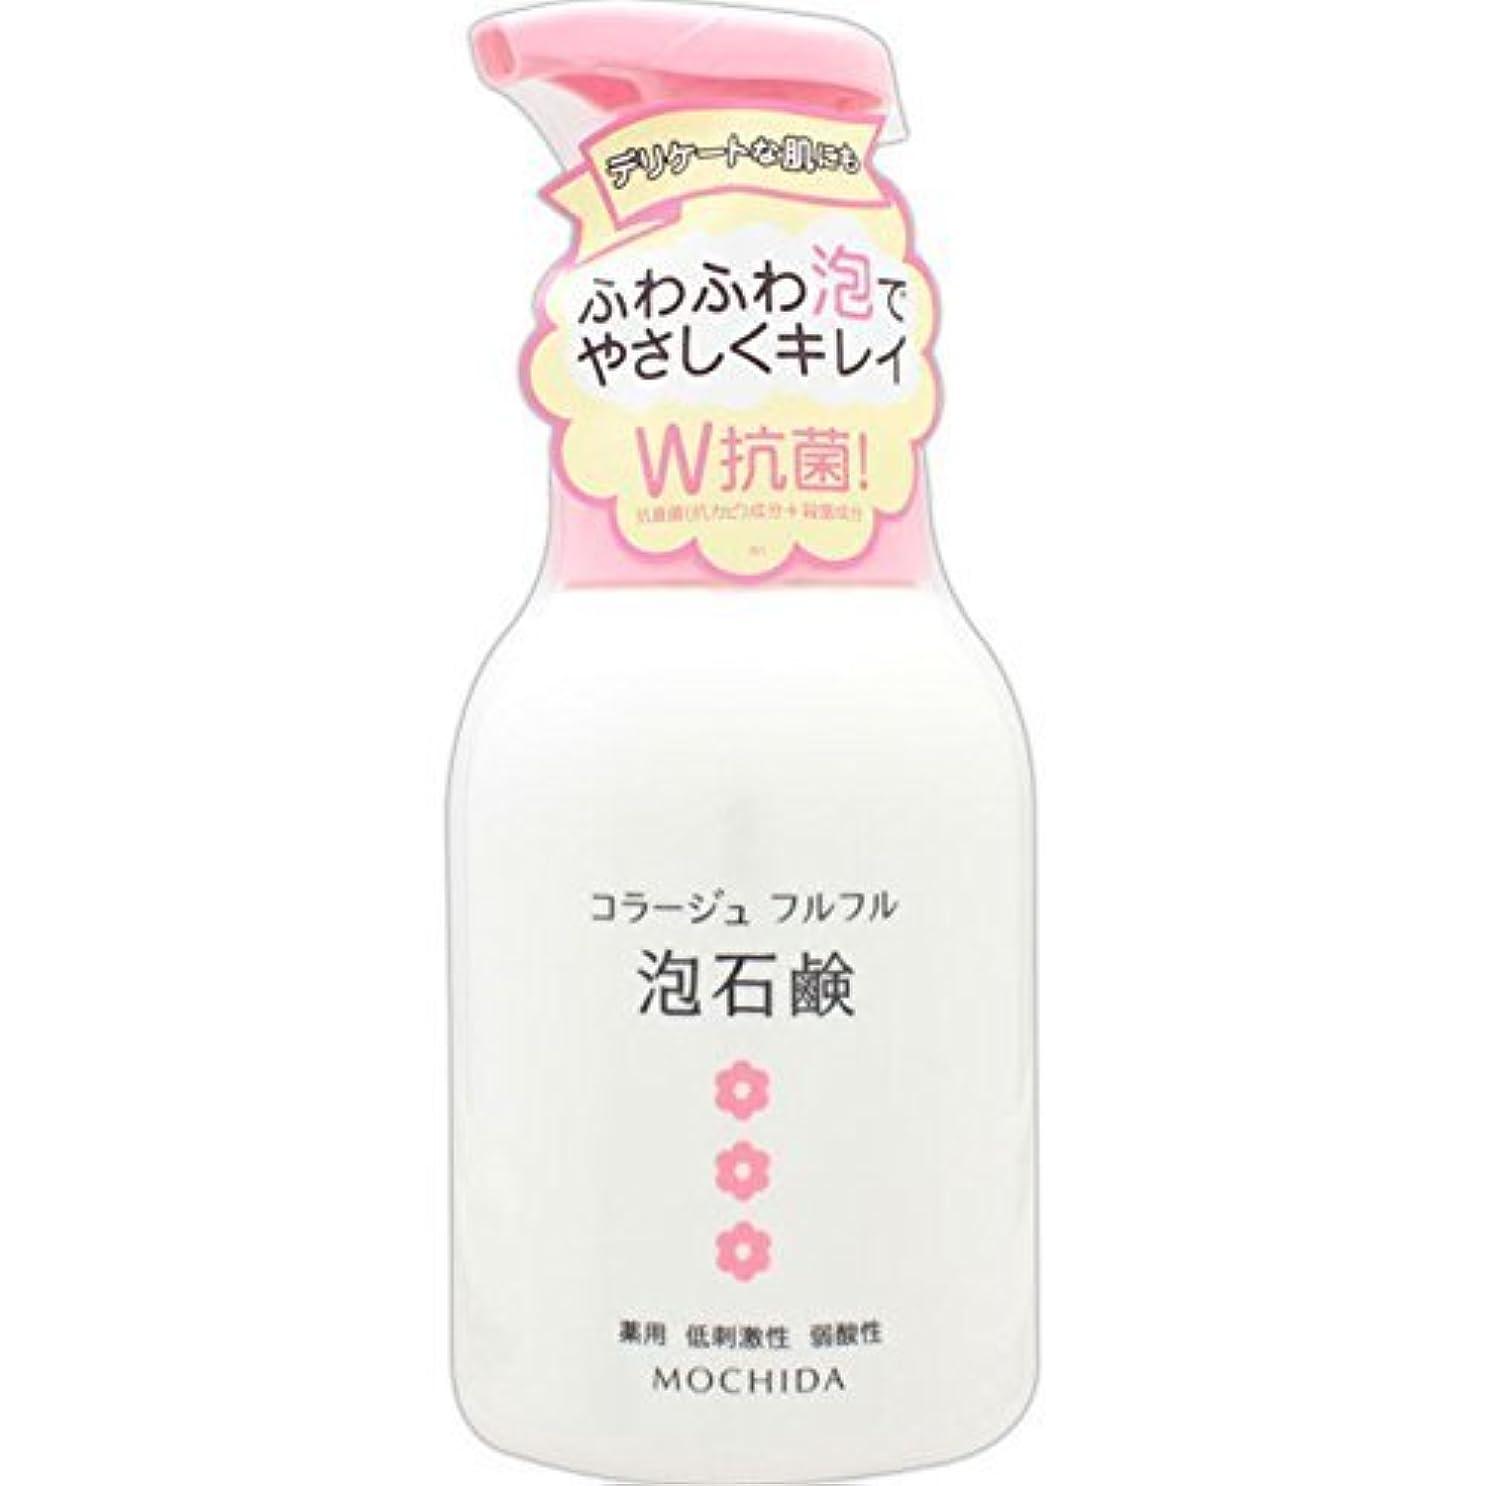 可聴計り知れない人コラージュフルフル 泡石鹸 ピンク 300m L (医薬部外品) ×8